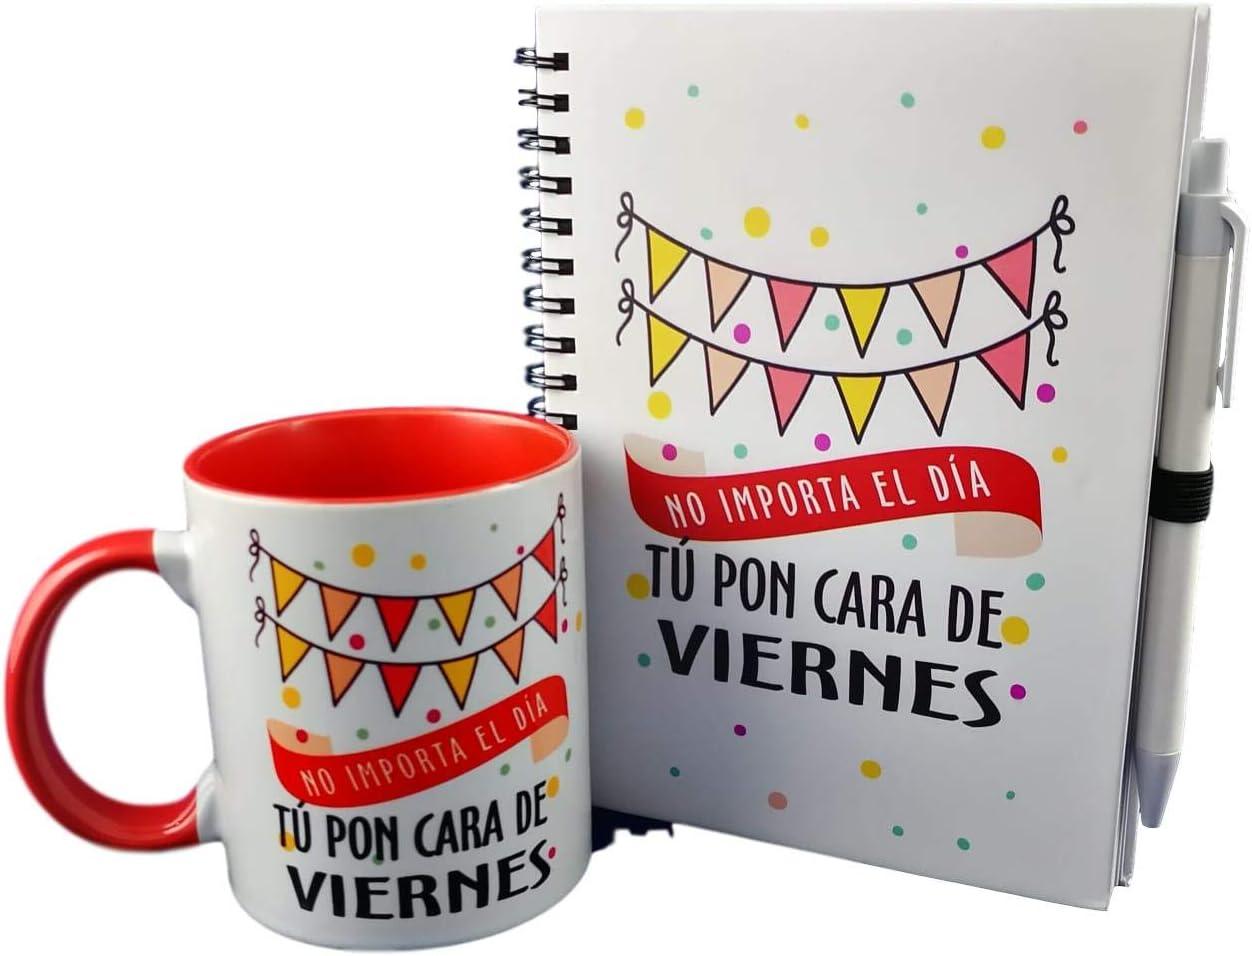 MISORPRESA Pack Taza Y LIBRETA Frase: NO Importa EL Dia TU PON Cara DE Viernes: Amazon.es: Hogar